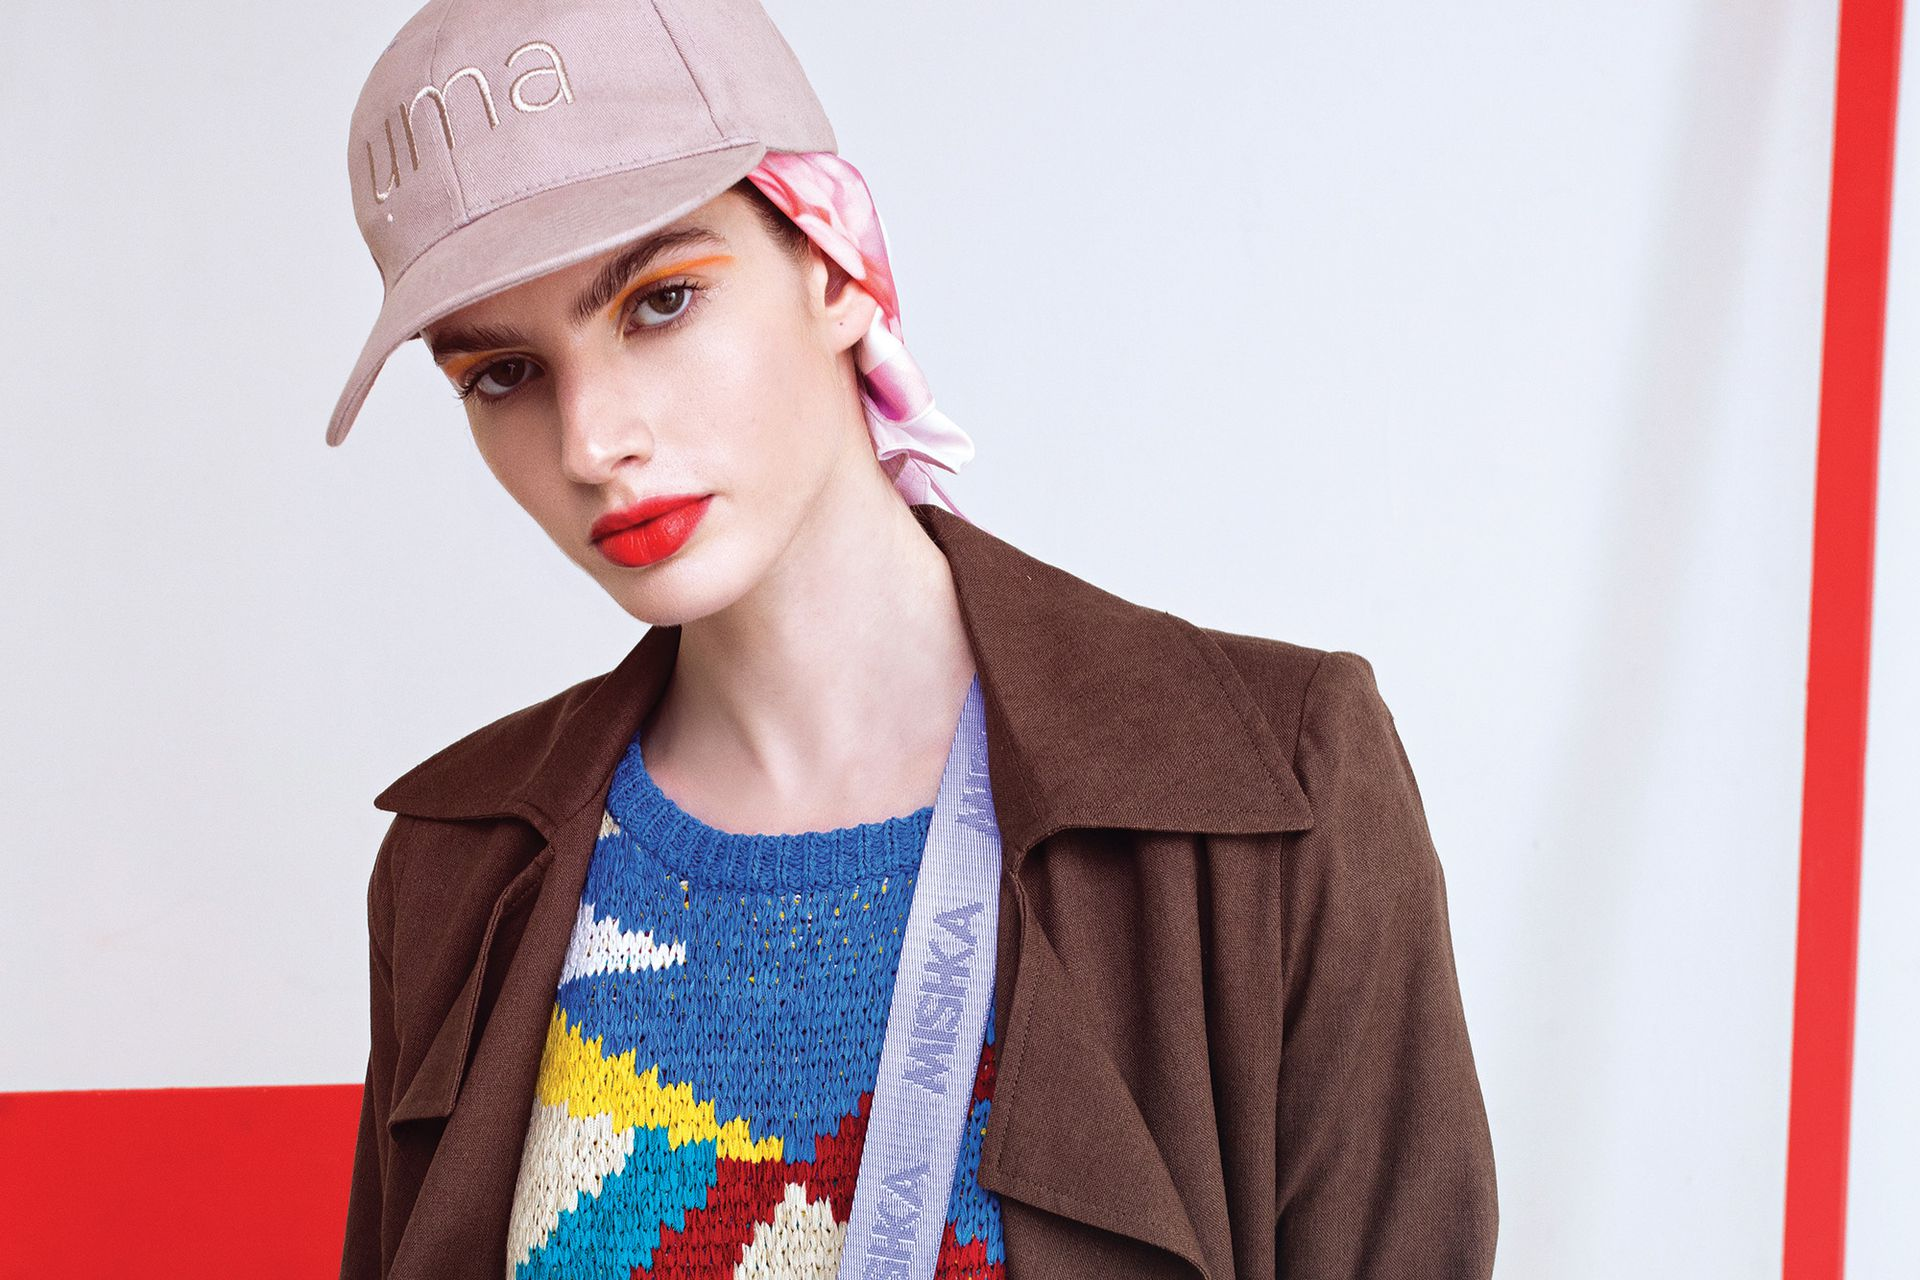 Trench de gabardina (Giesso), chaleco tejido multicolor (Uma), cap (Uma), pañuelo estampado (Perramus),